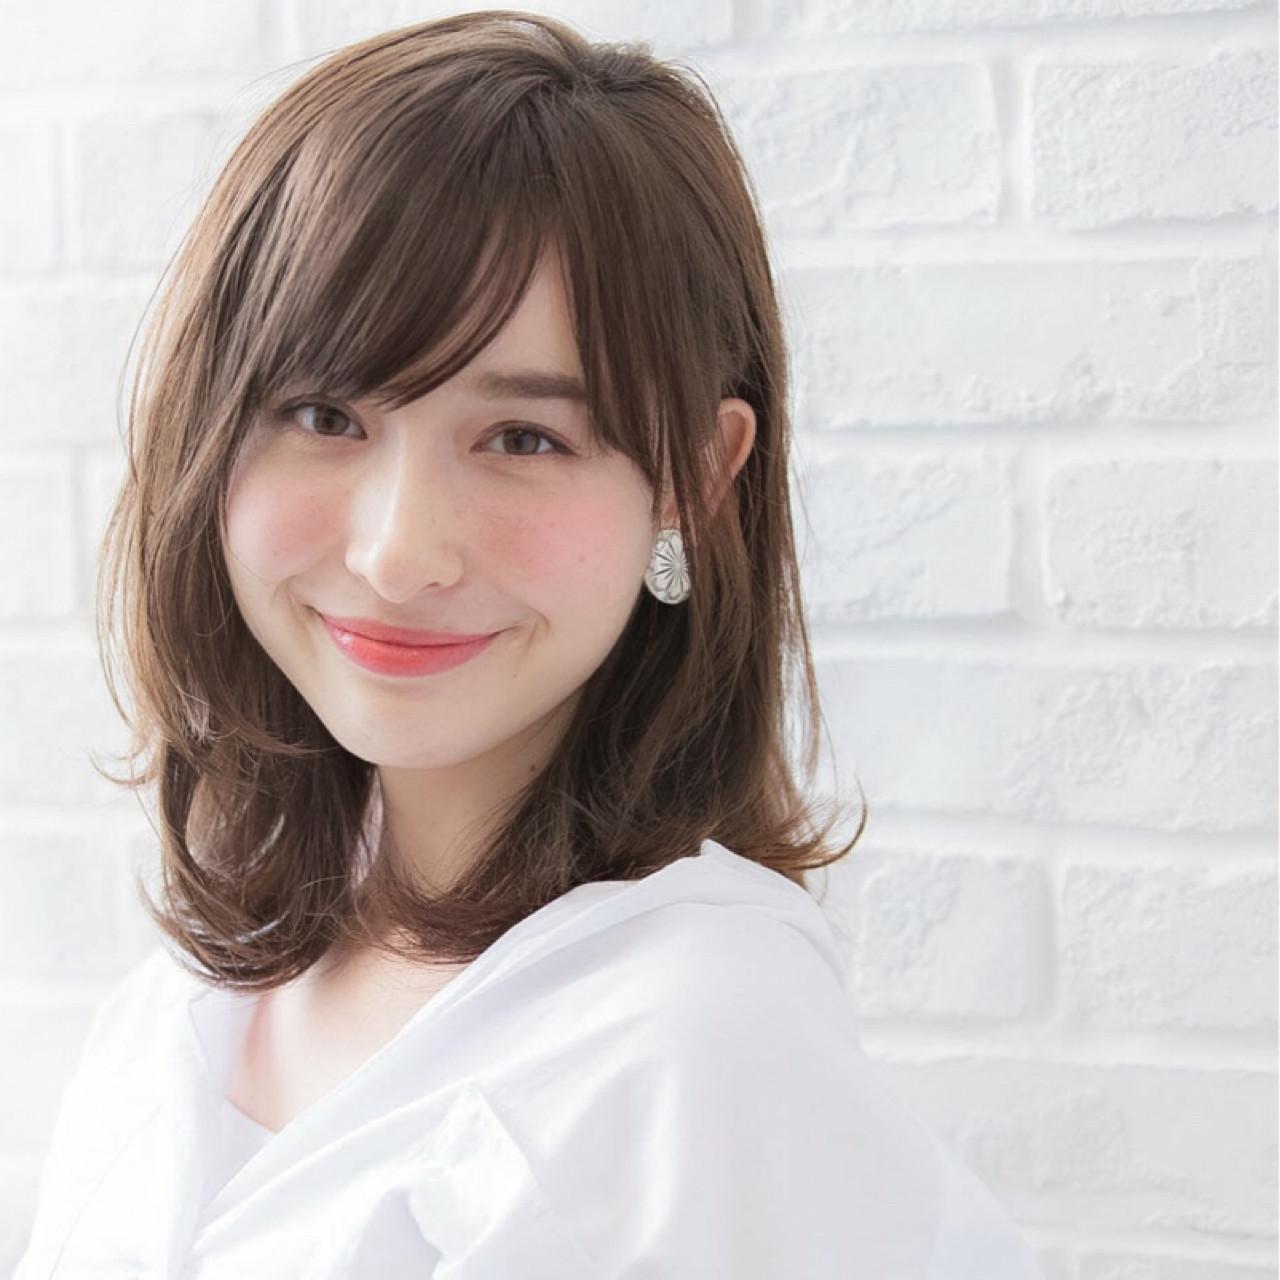 パーマ 無造作 ミディアム ピュア ヘアスタイルや髪型の写真・画像   lora.garden 細田真吾 / lora.garden